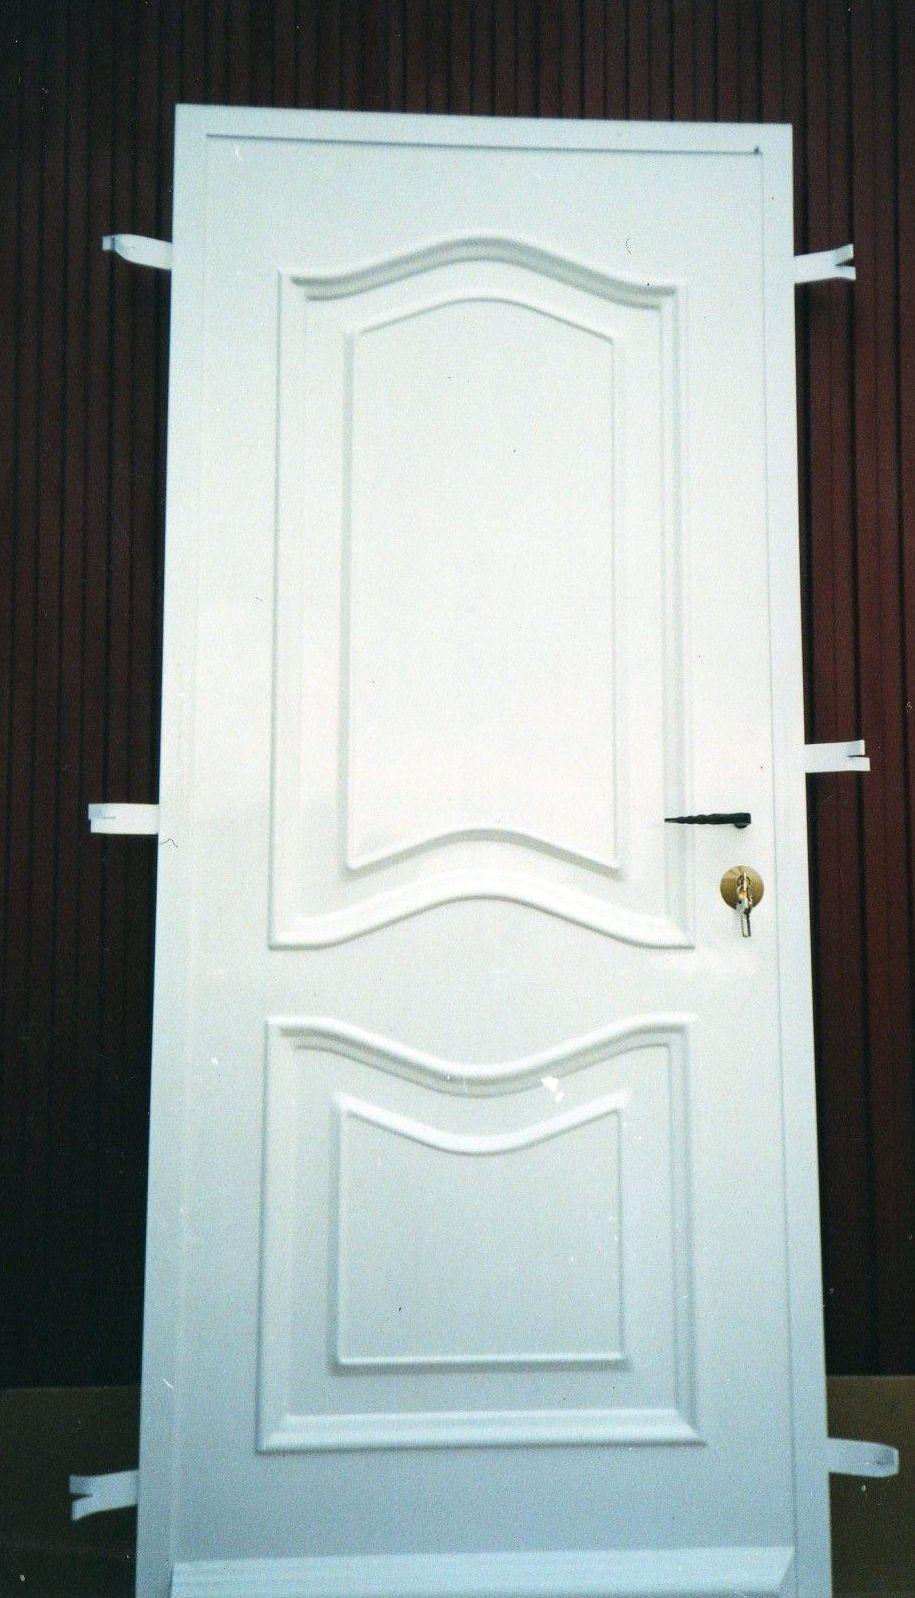 P5 - Puerta residencial de estilo provenzal. Hecha a medida.